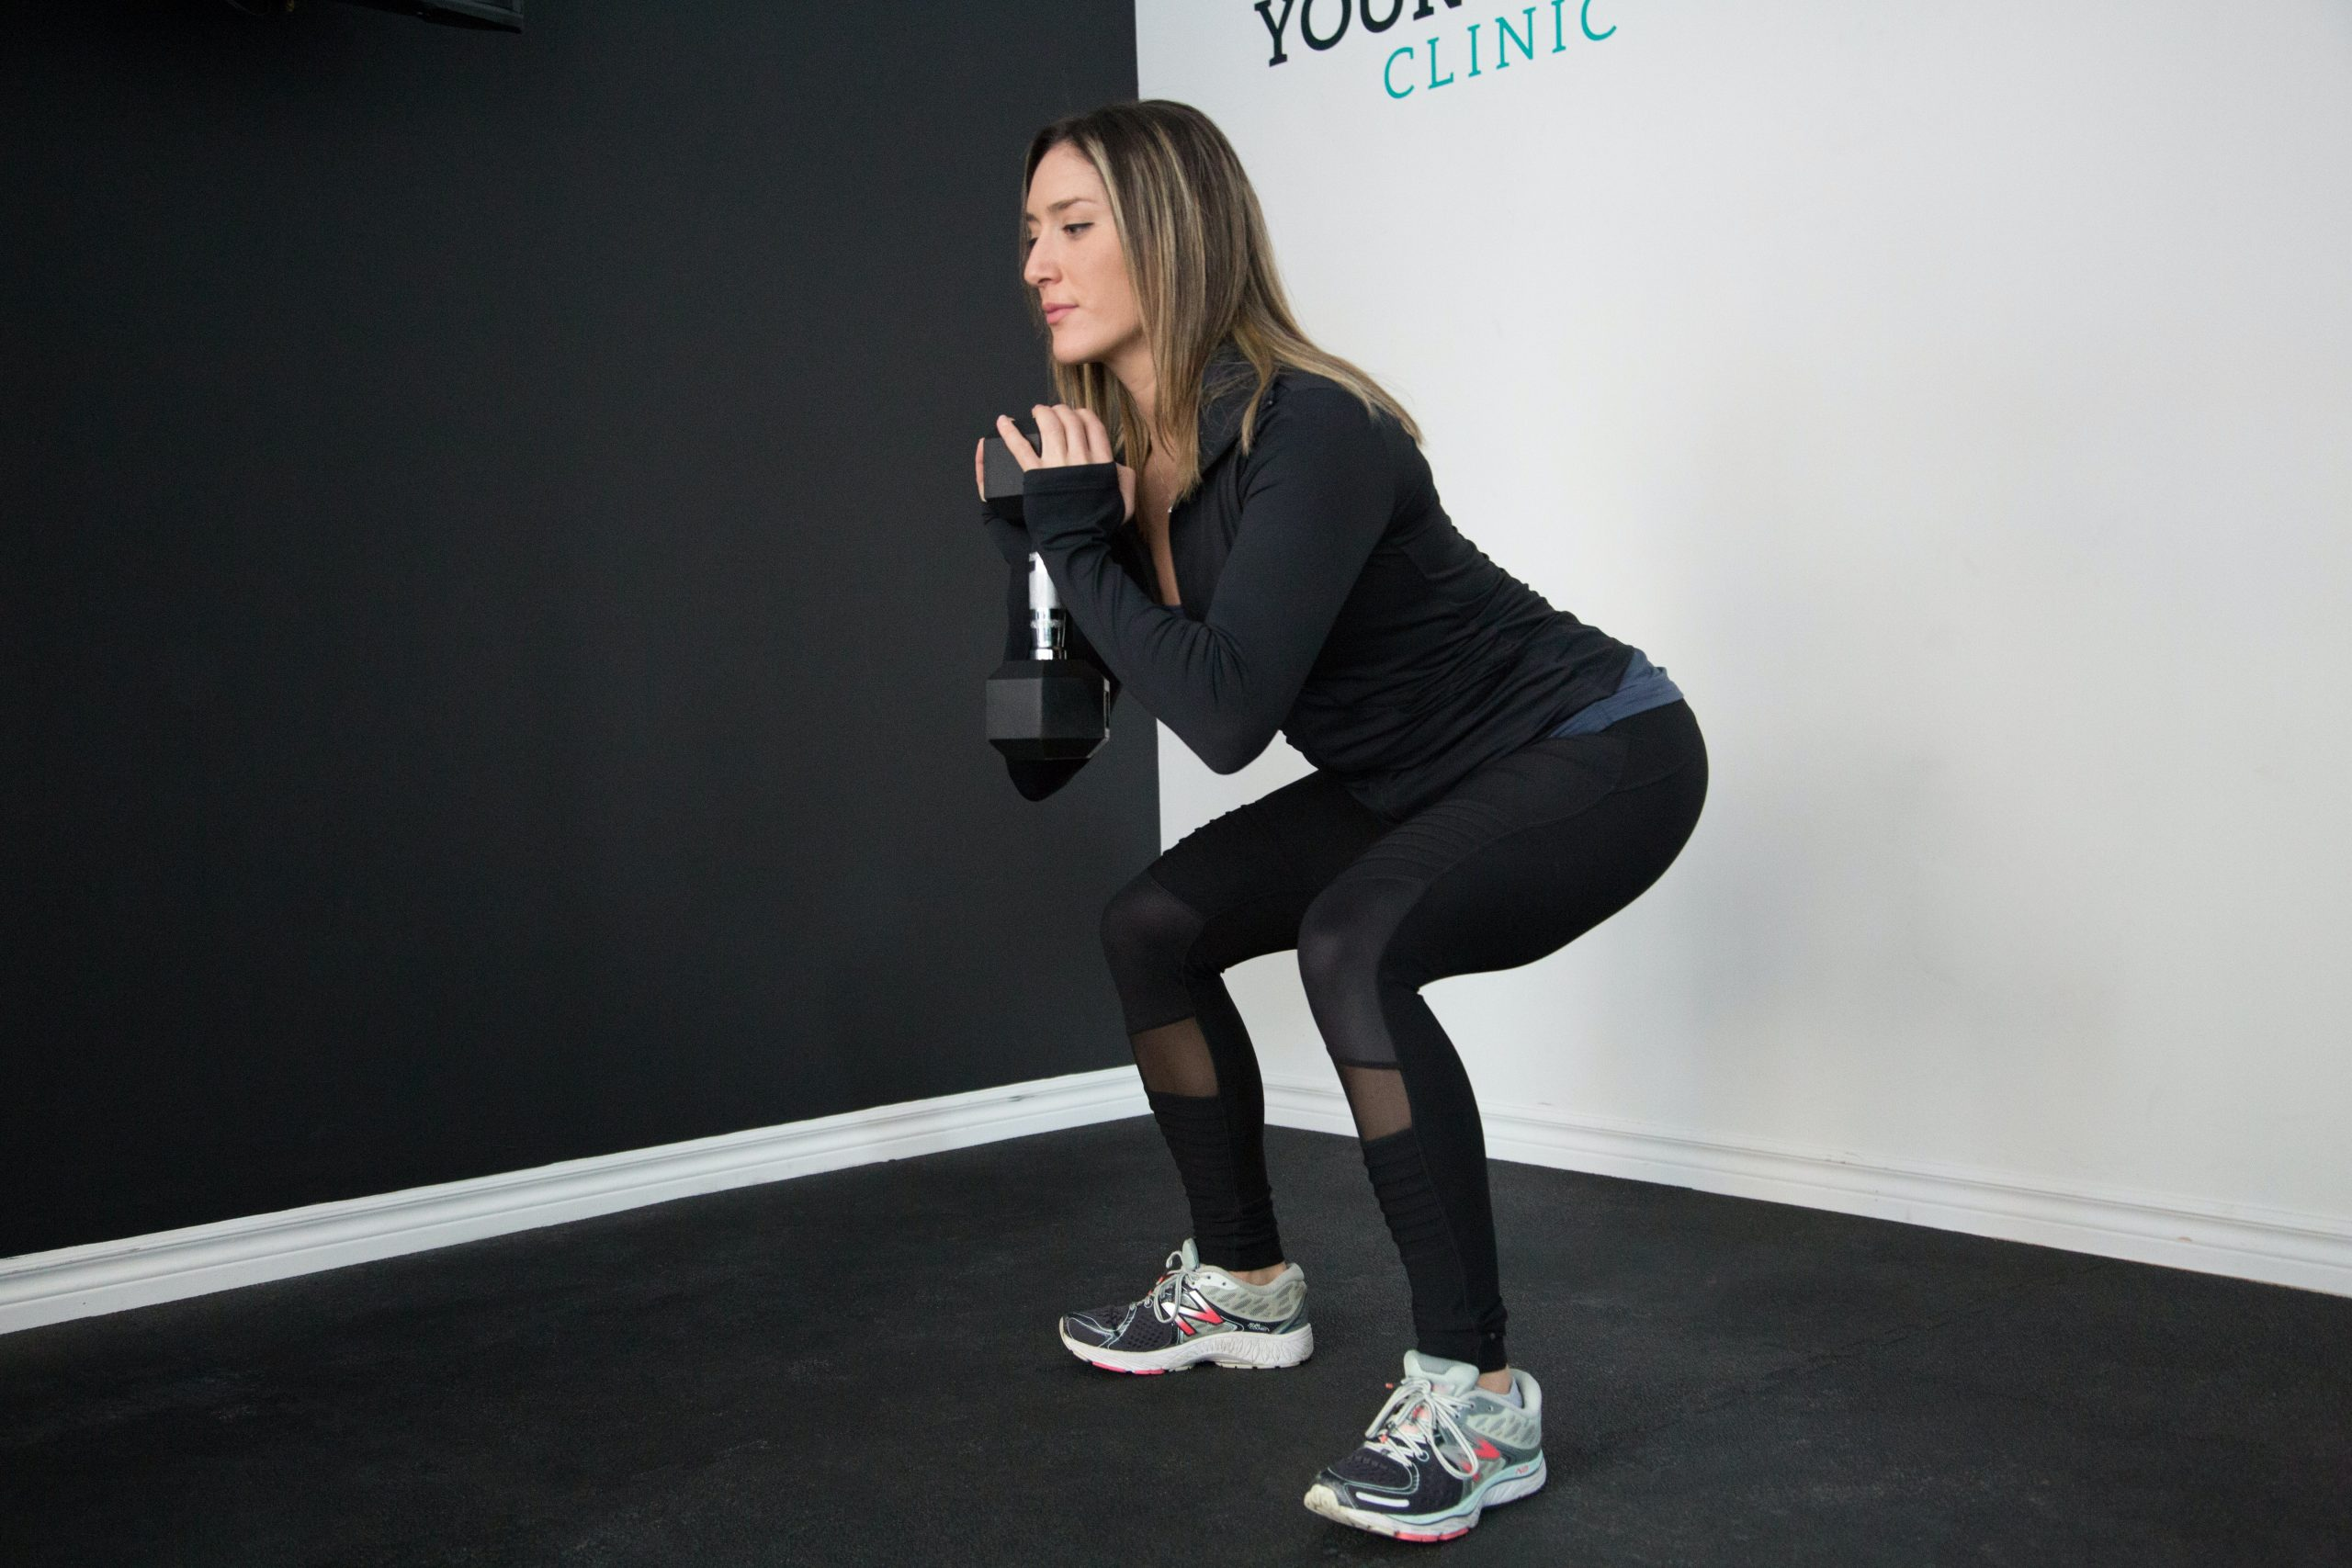 Mujer con ropa de gimnasia negra realizando sentadillas